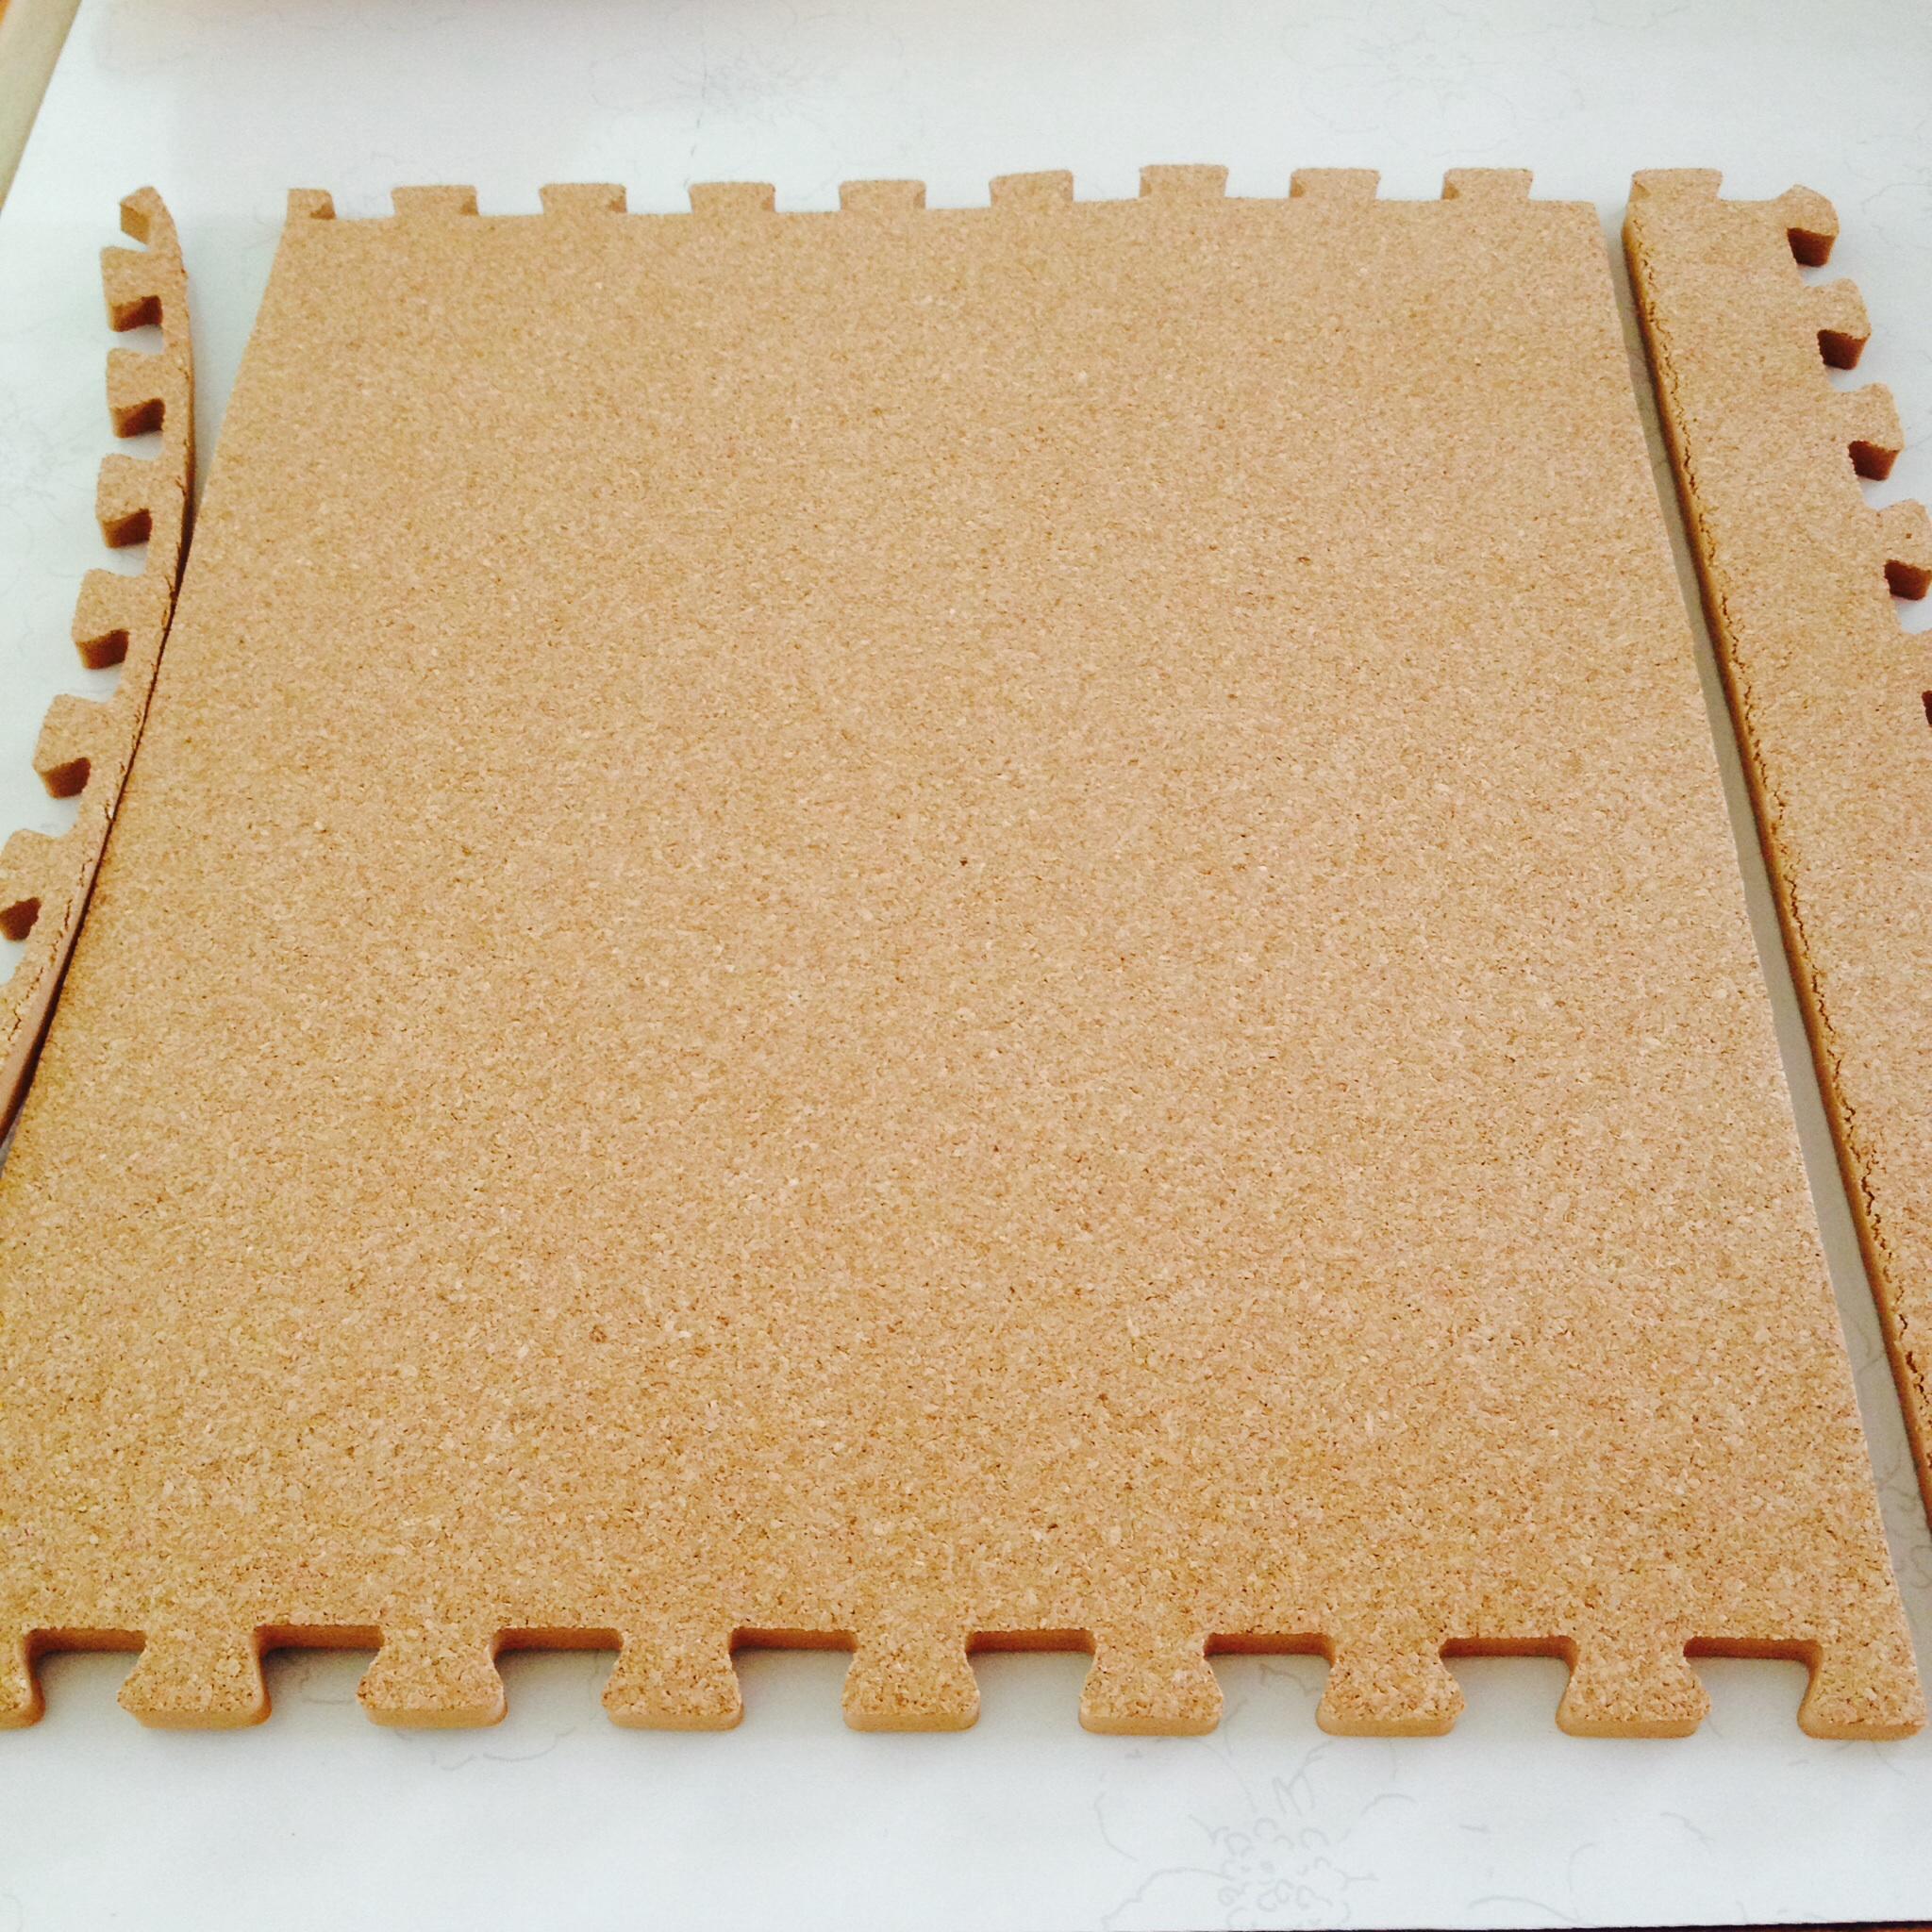 ①ファイルケースの縦の大きさに合わせて線を引き、はさみでカットする。 \u203bよく切れるはさみで一気に切らないとボソボソになってしまいます!